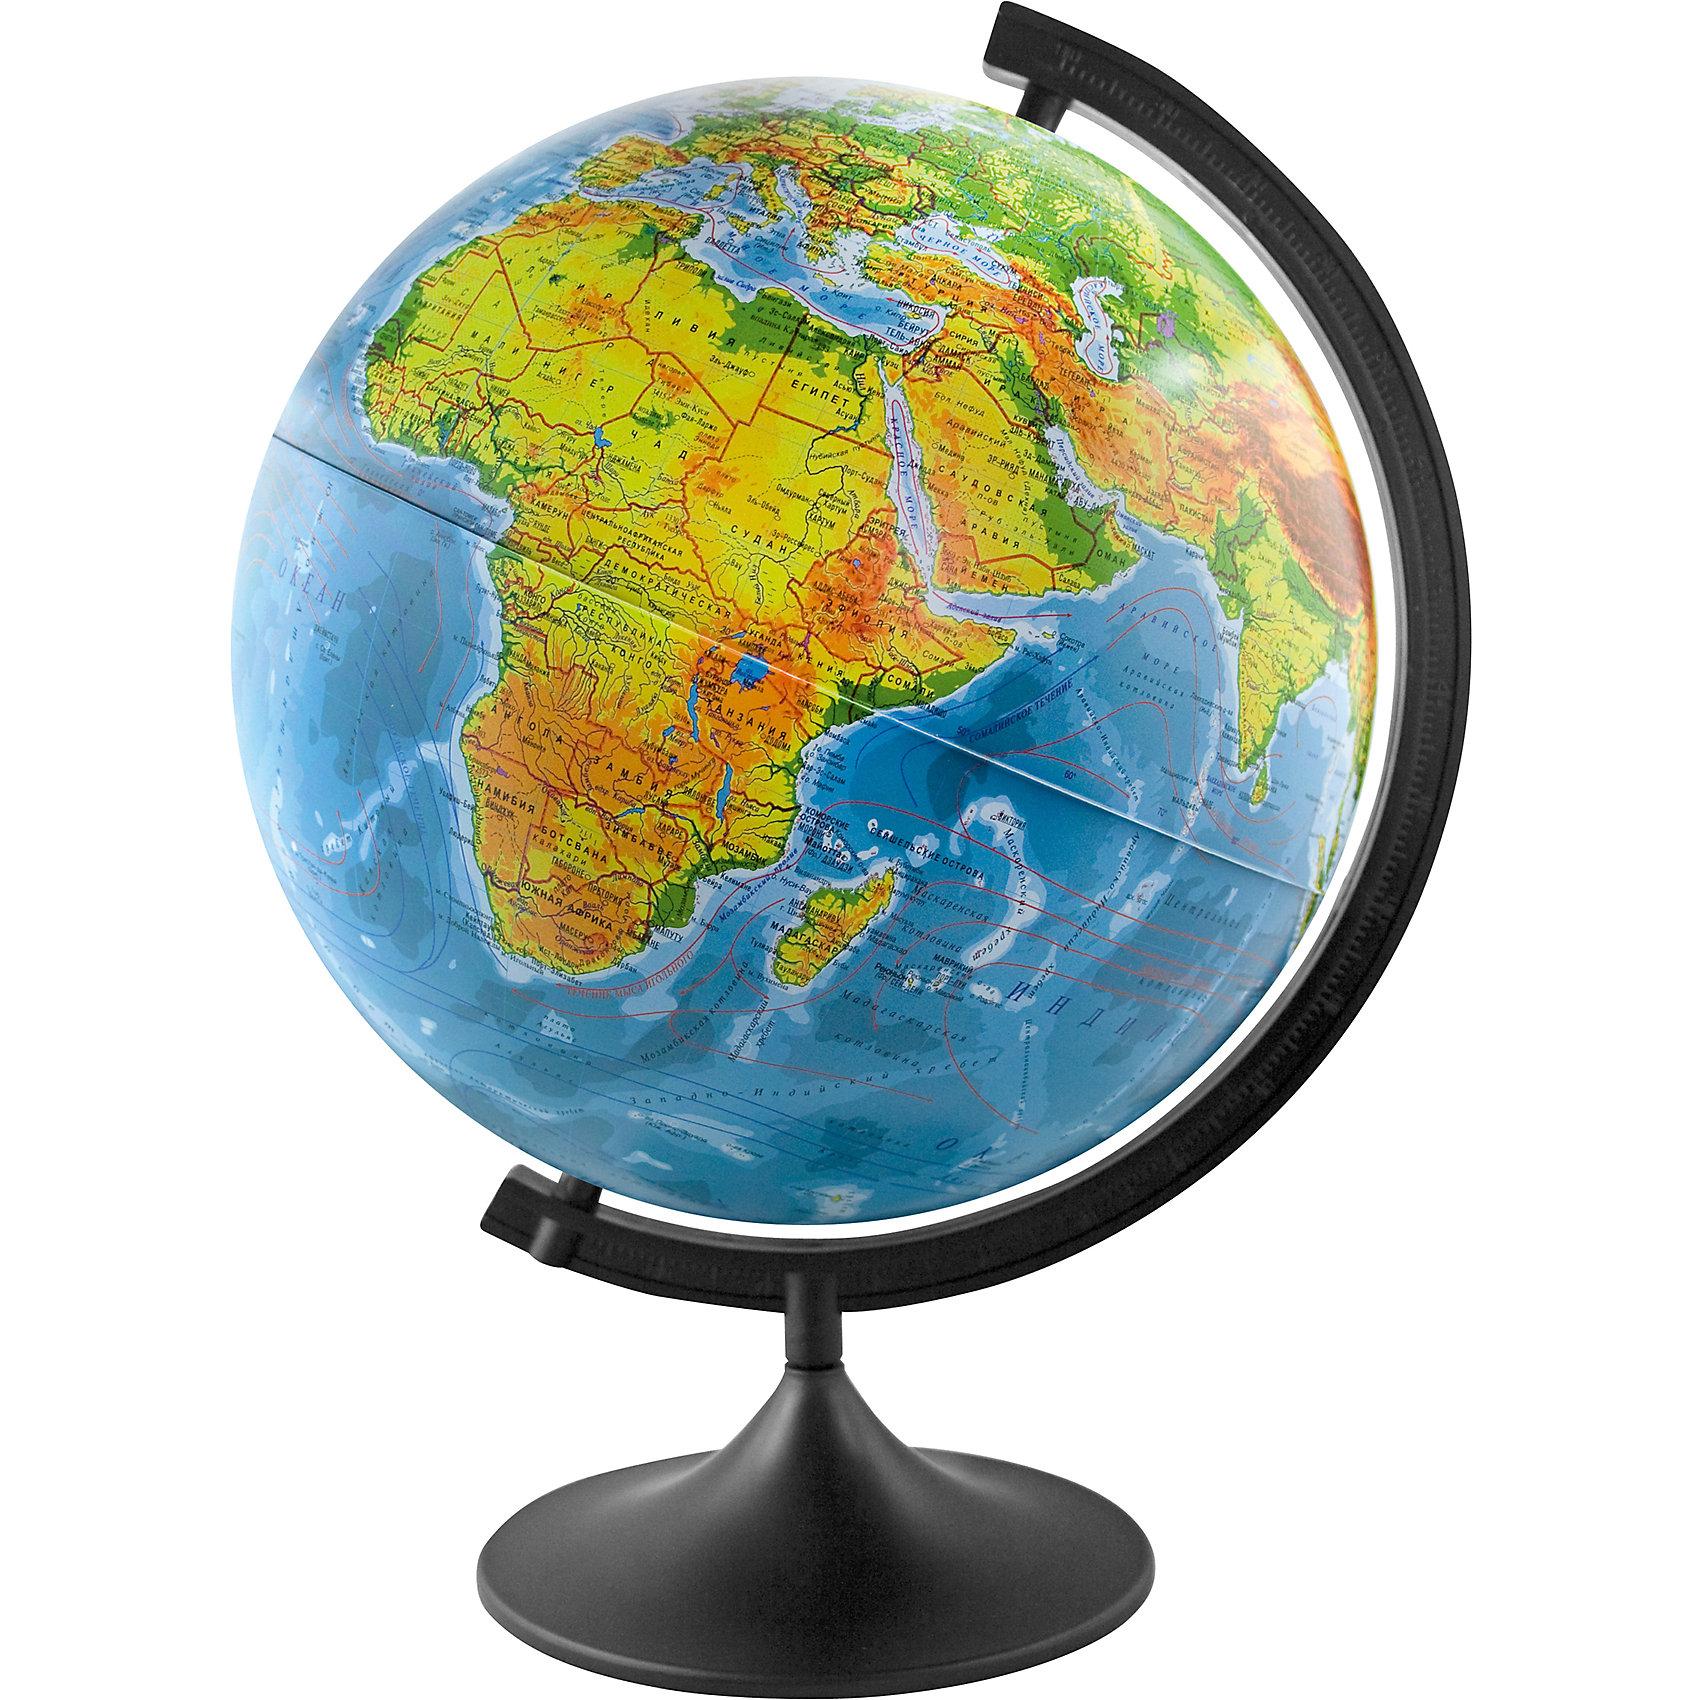 Глобус Земли физический, диаметр 320 ммГлобусы<br>Глобус Земли физический, д-р 320.<br><br>Характеристики:<br><br>• Для детей в возрасте: от 6 лет<br>• Диаметр: 32 см.<br>• Материал: пластик<br>• Цвет подставки и дуги: черный<br><br>Глобус Земли физический станет замечательным наглядным пособием для вашего ребенка. Физическая карта отображает ландшафт поверхности земного шара в соответствии с принятыми цветовыми условными обозначениями в картографии. Нанесены названия материков, океанов, морей, течений, заливов, горных хребтов, плоскогорий и низменностей, а также других географических объектов. Кроме этого отображены названия государств. Надписи яркие, четкие на русском языке. Сфера глобуса изготовлена из прочного высококачественного пластика, поэтому она не расколется от случайного падения. Устойчивая подставка и дуга с градусными отметками выполнены из прочного высококачественного пластика черного цвета.<br><br>Глобус Земли физический, д-р 320 можно купить в нашем интернет-магазине.<br><br>Ширина мм: 350<br>Глубина мм: 320<br>Высота мм: 320<br>Вес г: 900<br>Возраст от месяцев: 72<br>Возраст до месяцев: 2147483647<br>Пол: Унисекс<br>Возраст: Детский<br>SKU: 5504474